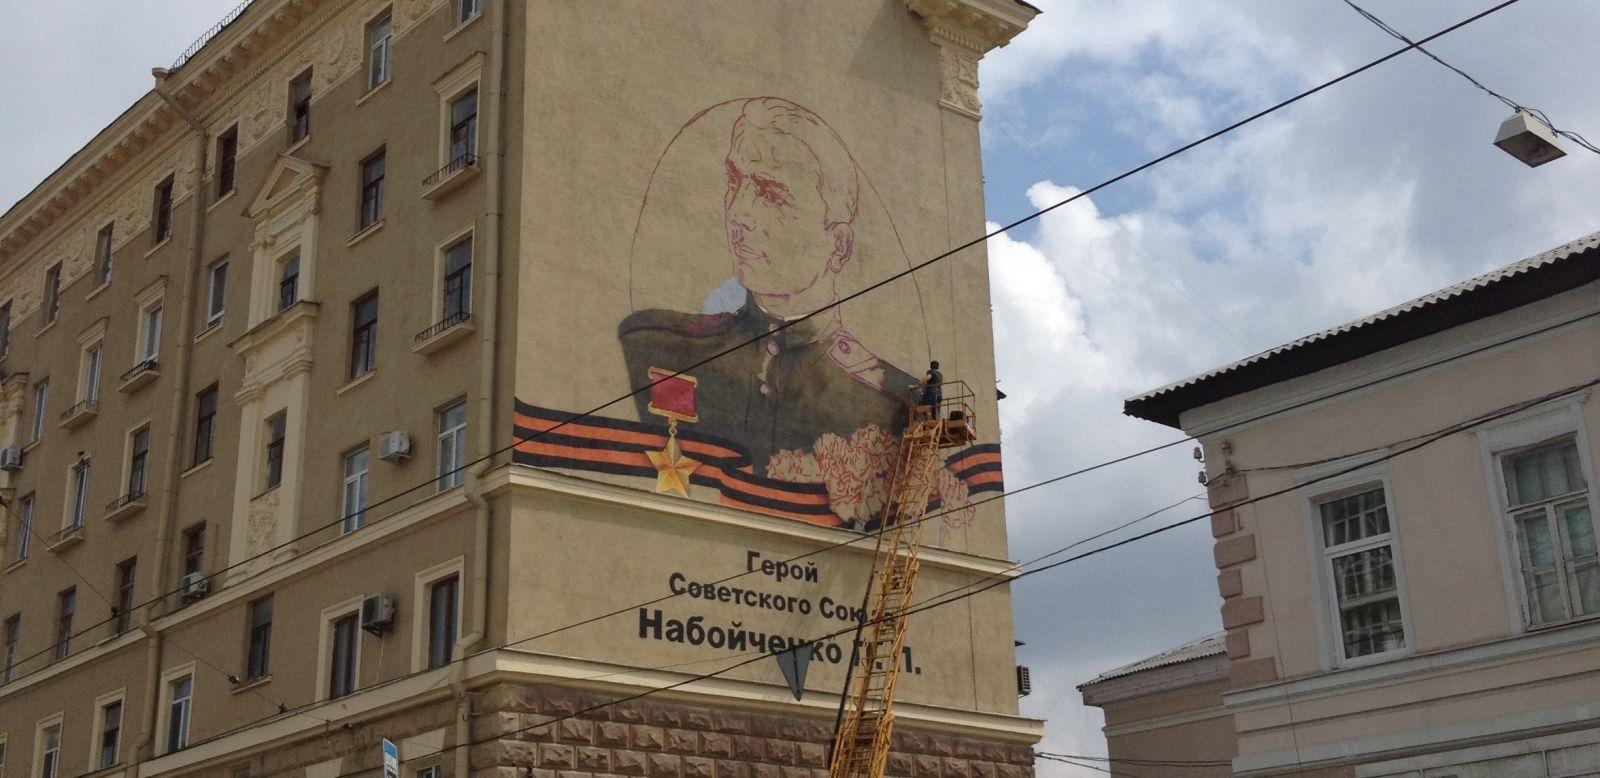 Створення Муралу Герою Радянського Союзу Петру Набойченко